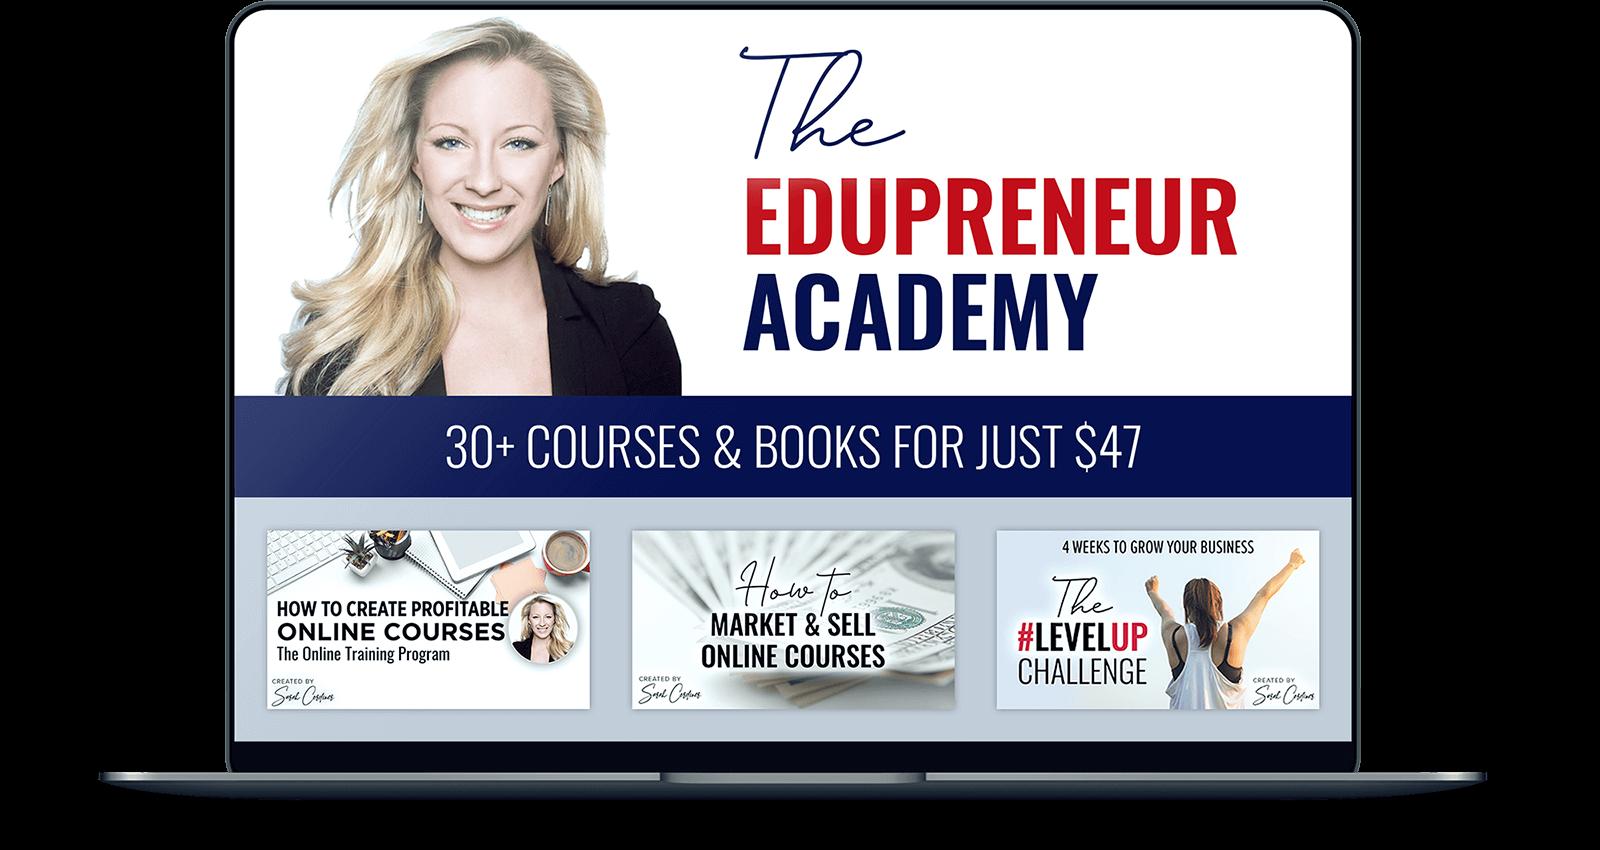 edupreneur academy laptop